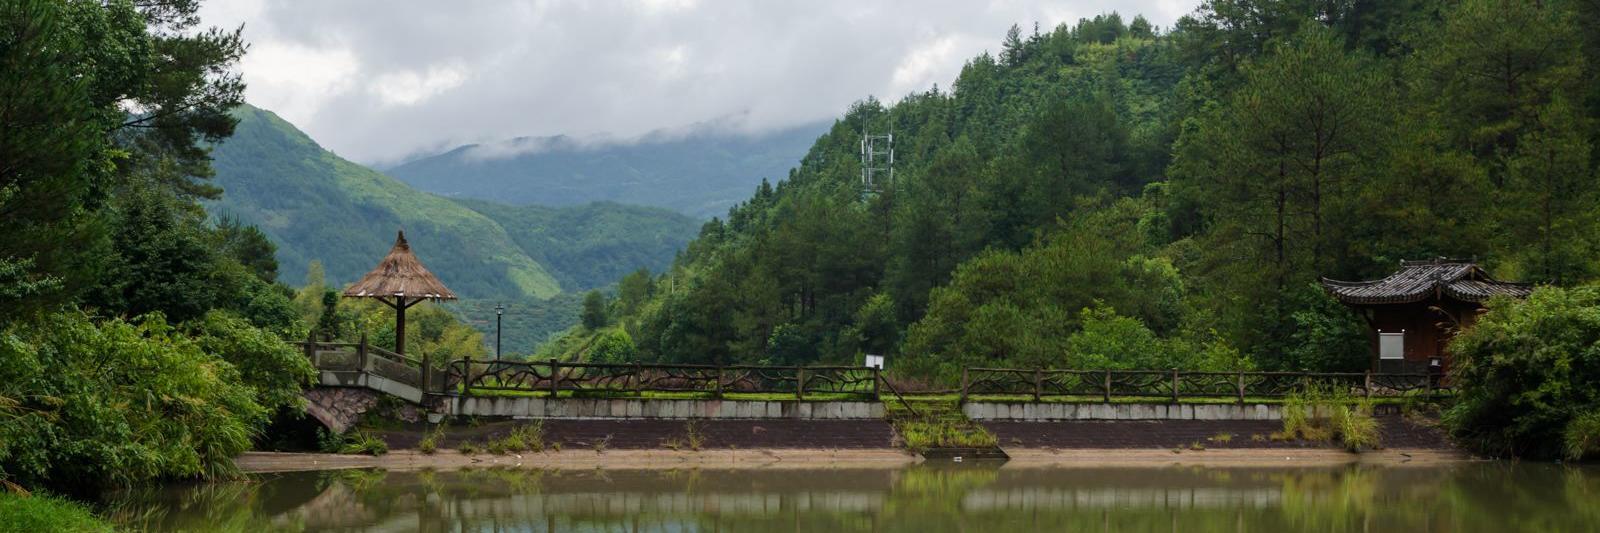 麗水之行,走進美麗的畬族鄉寨,領略云中大漈之壯美